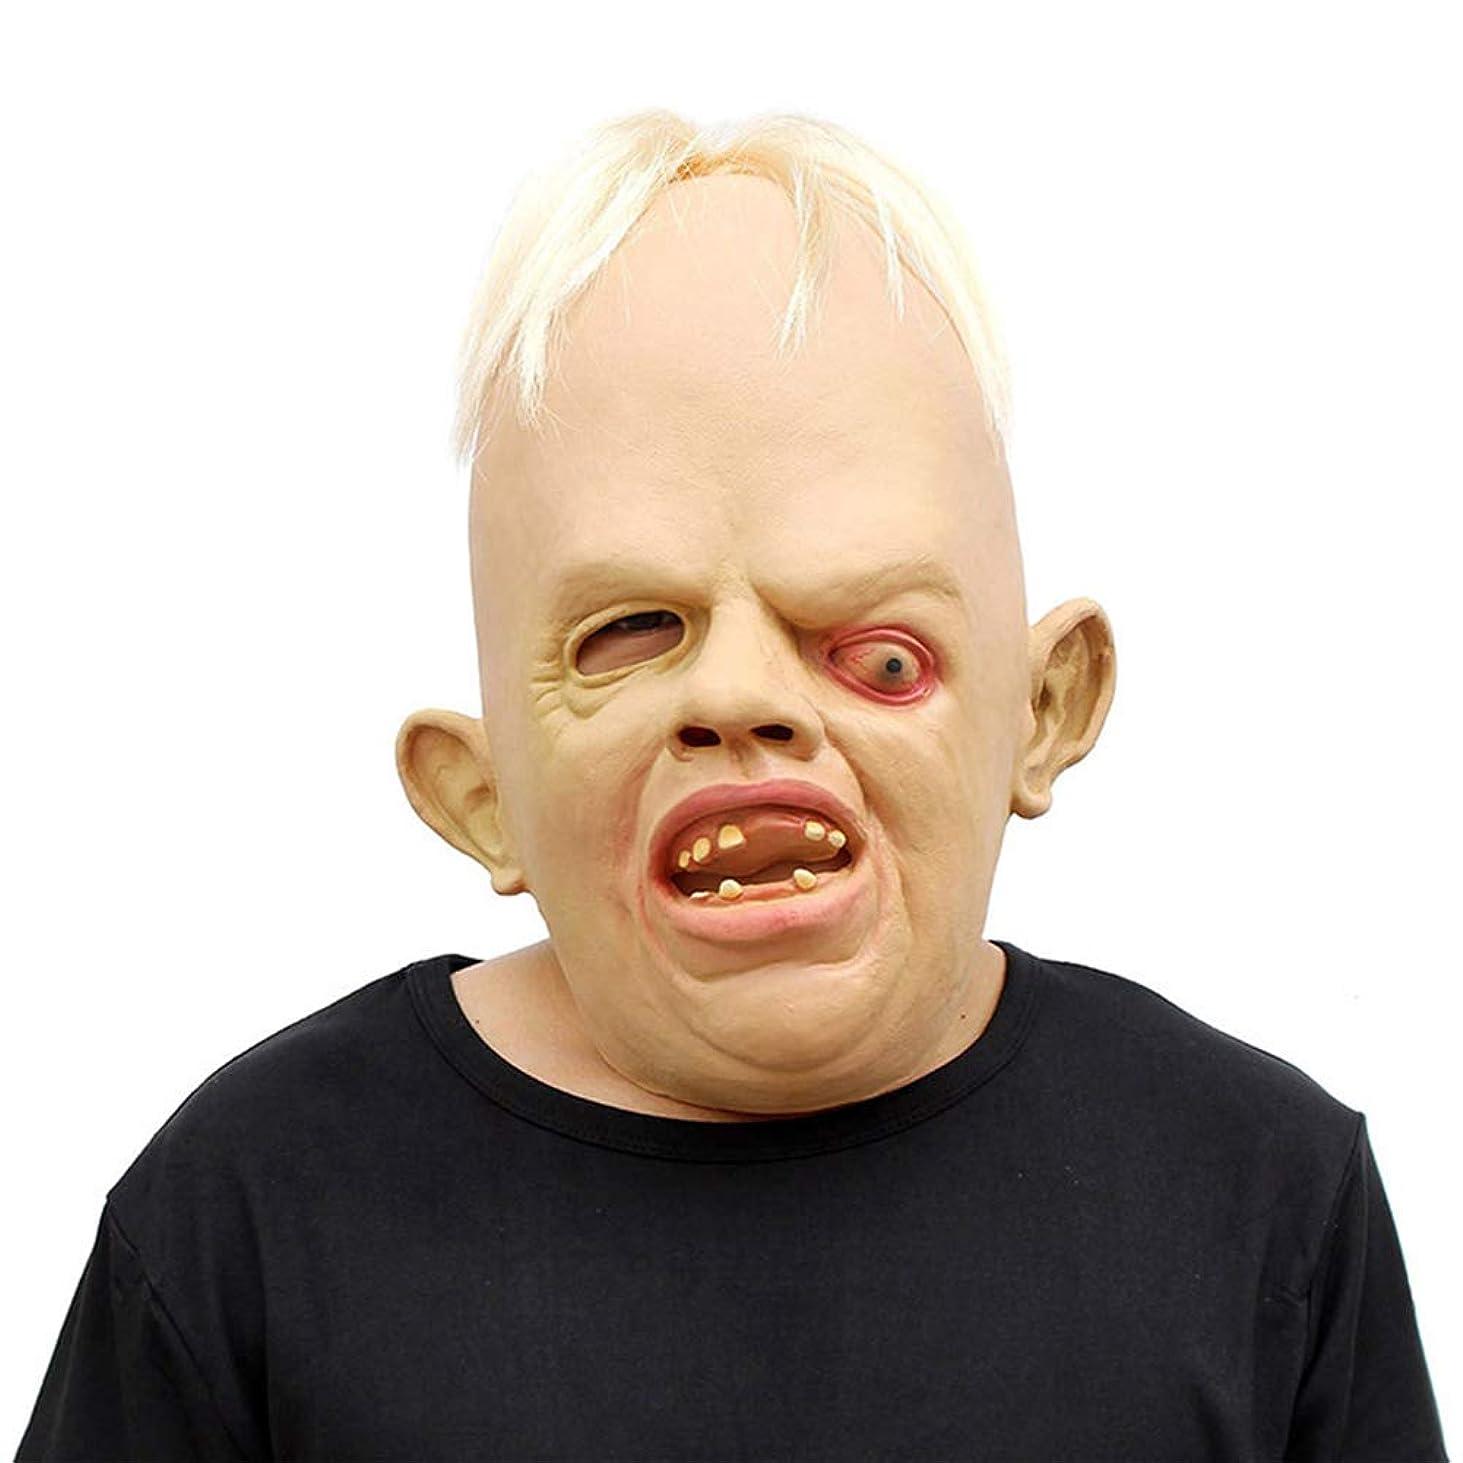 うっかり保証する受け入れハロウィンホラーマスク、目を細めるアイシェイプマスク、クリエイティブ面白いヘッドマスク、ラテックス Vizard マスク、コスチュームプロップトカゲマスク